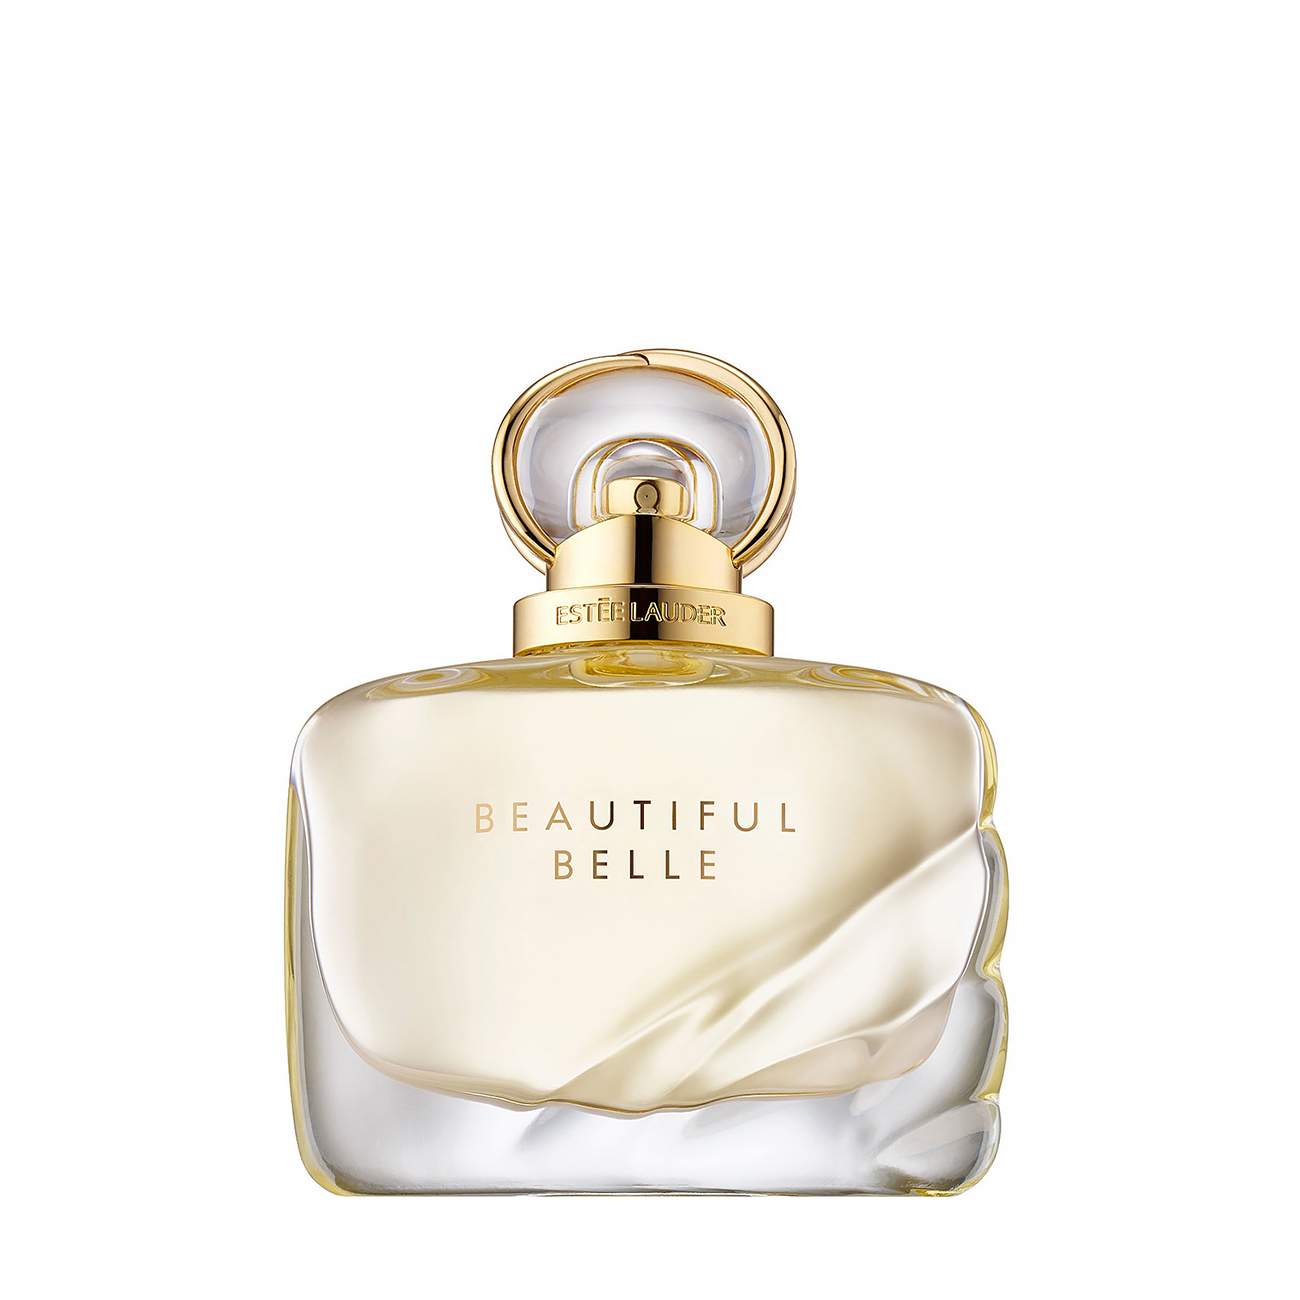 Beautiful Belle 50ml Estée Lauder imagine 2021 bestvalue.eu